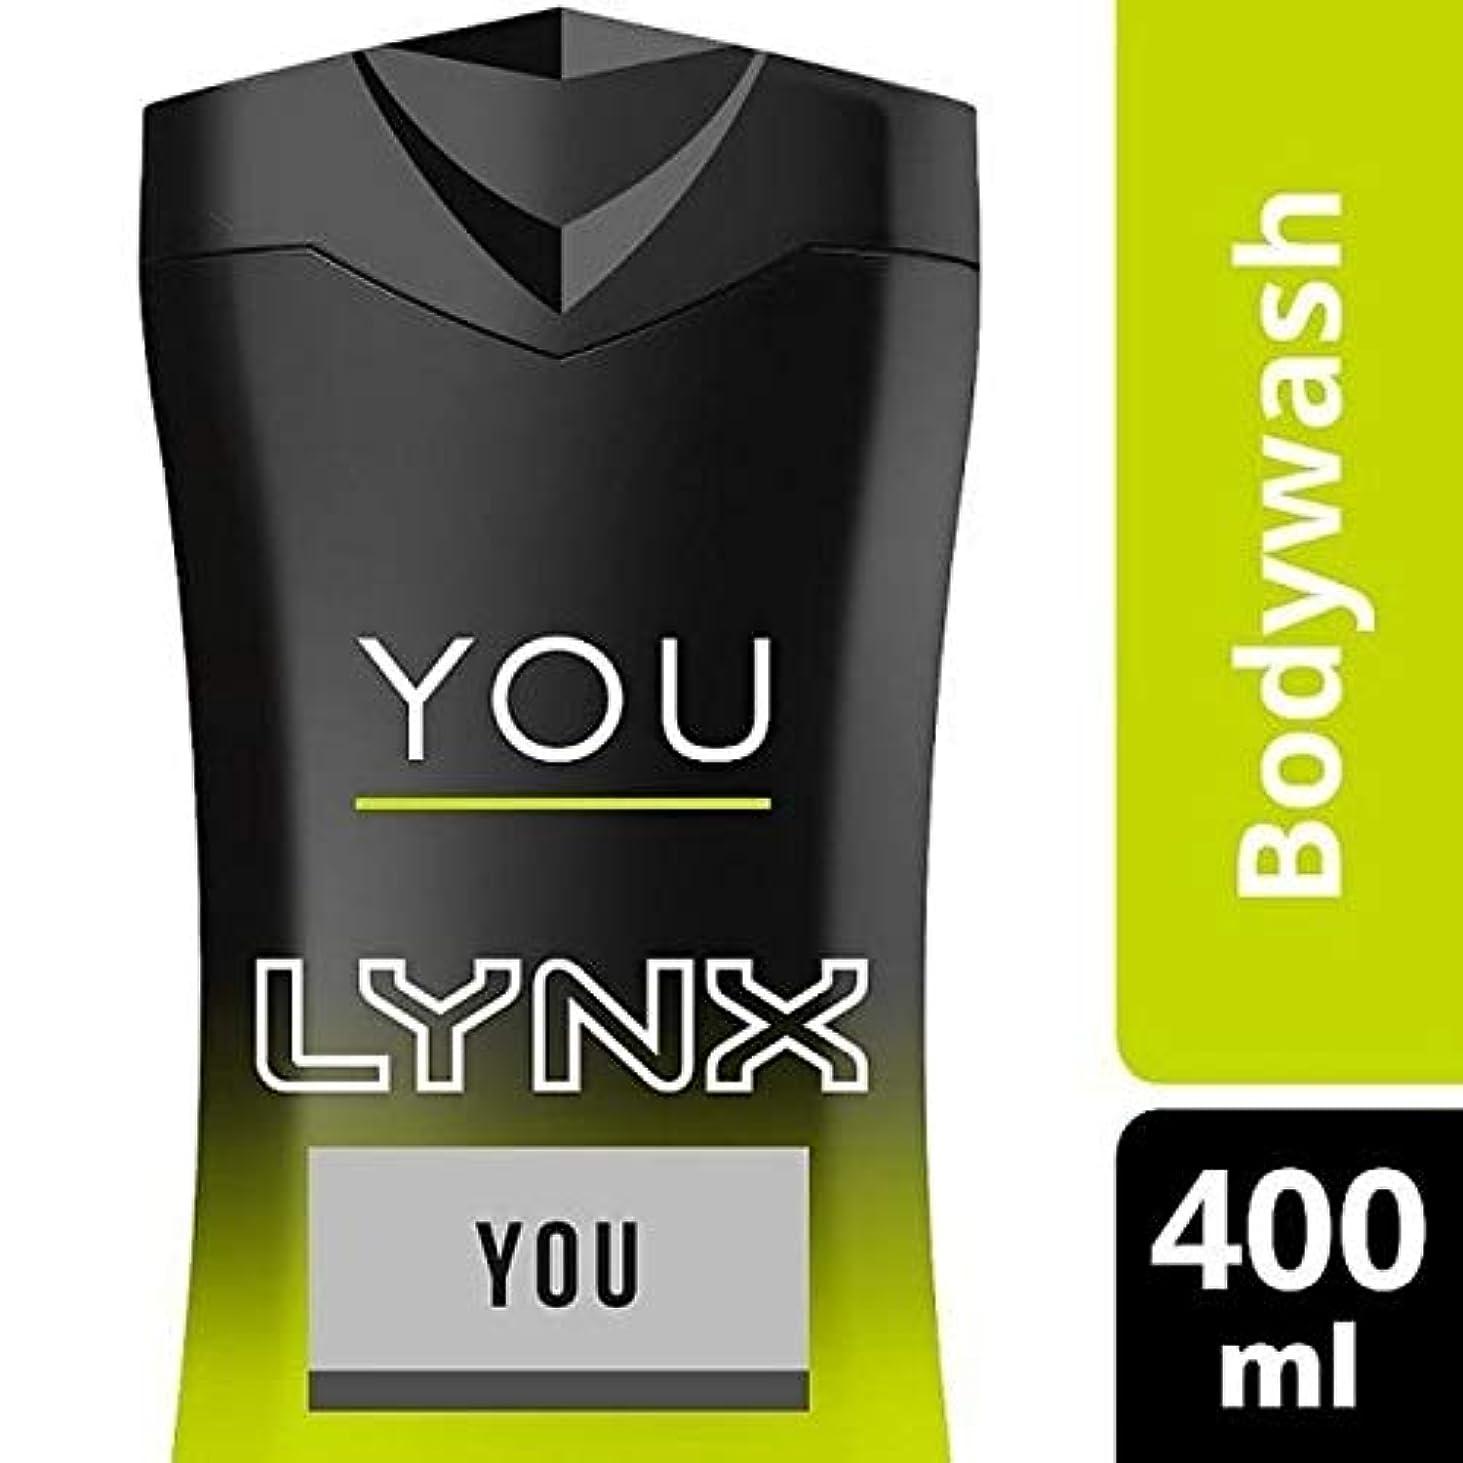 実用的プレゼンター相対性理論[Lynx ] あなたは400ミリリットルLynx - Lynx YOU 400ml [並行輸入品]